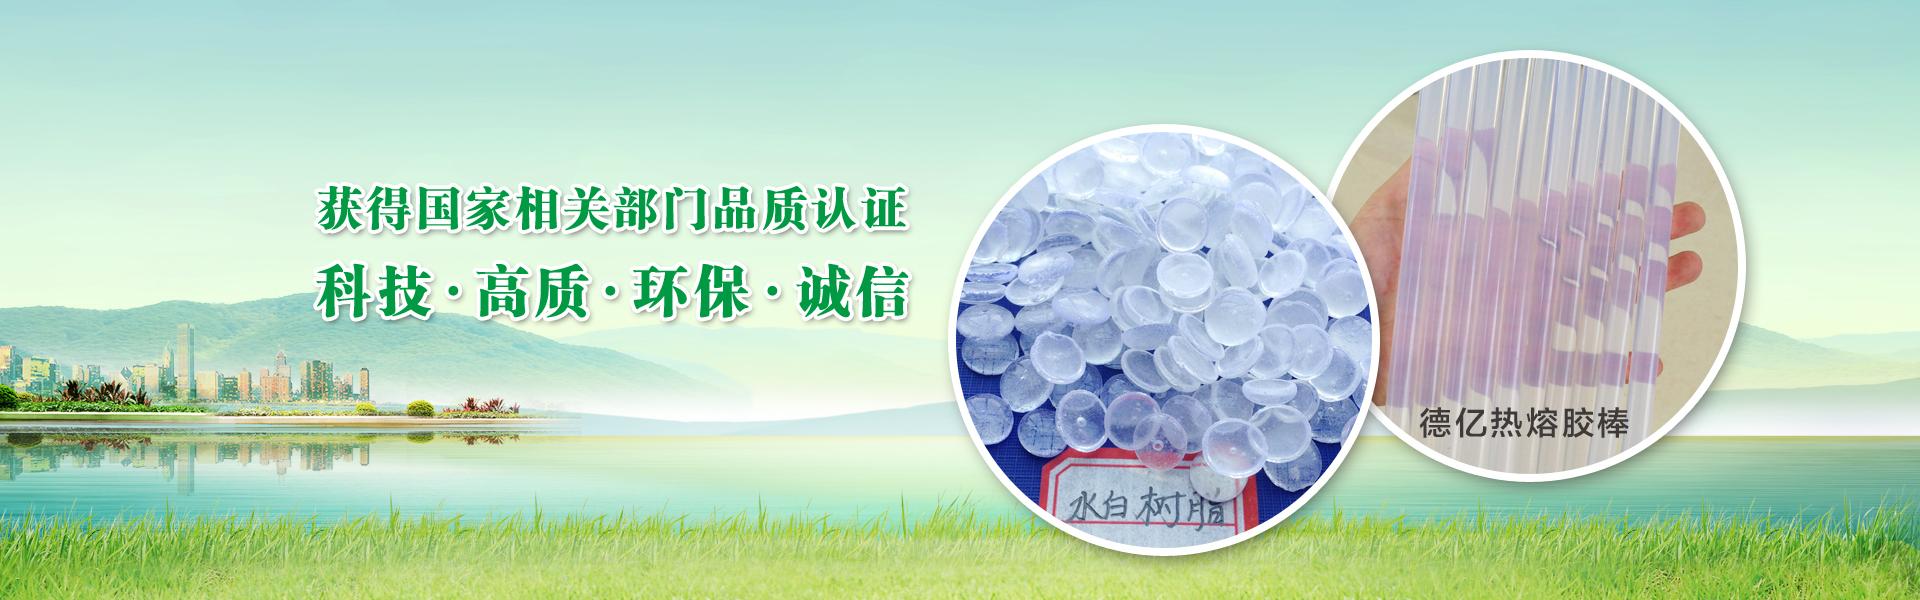 德庆明亮树脂有限公司主要经营热熔胶条、白色热熔胶棒、超粘热熔胶棒、微黄热熔胶棒、胶水专用水白树脂、珍珠棉专用水白树脂等。